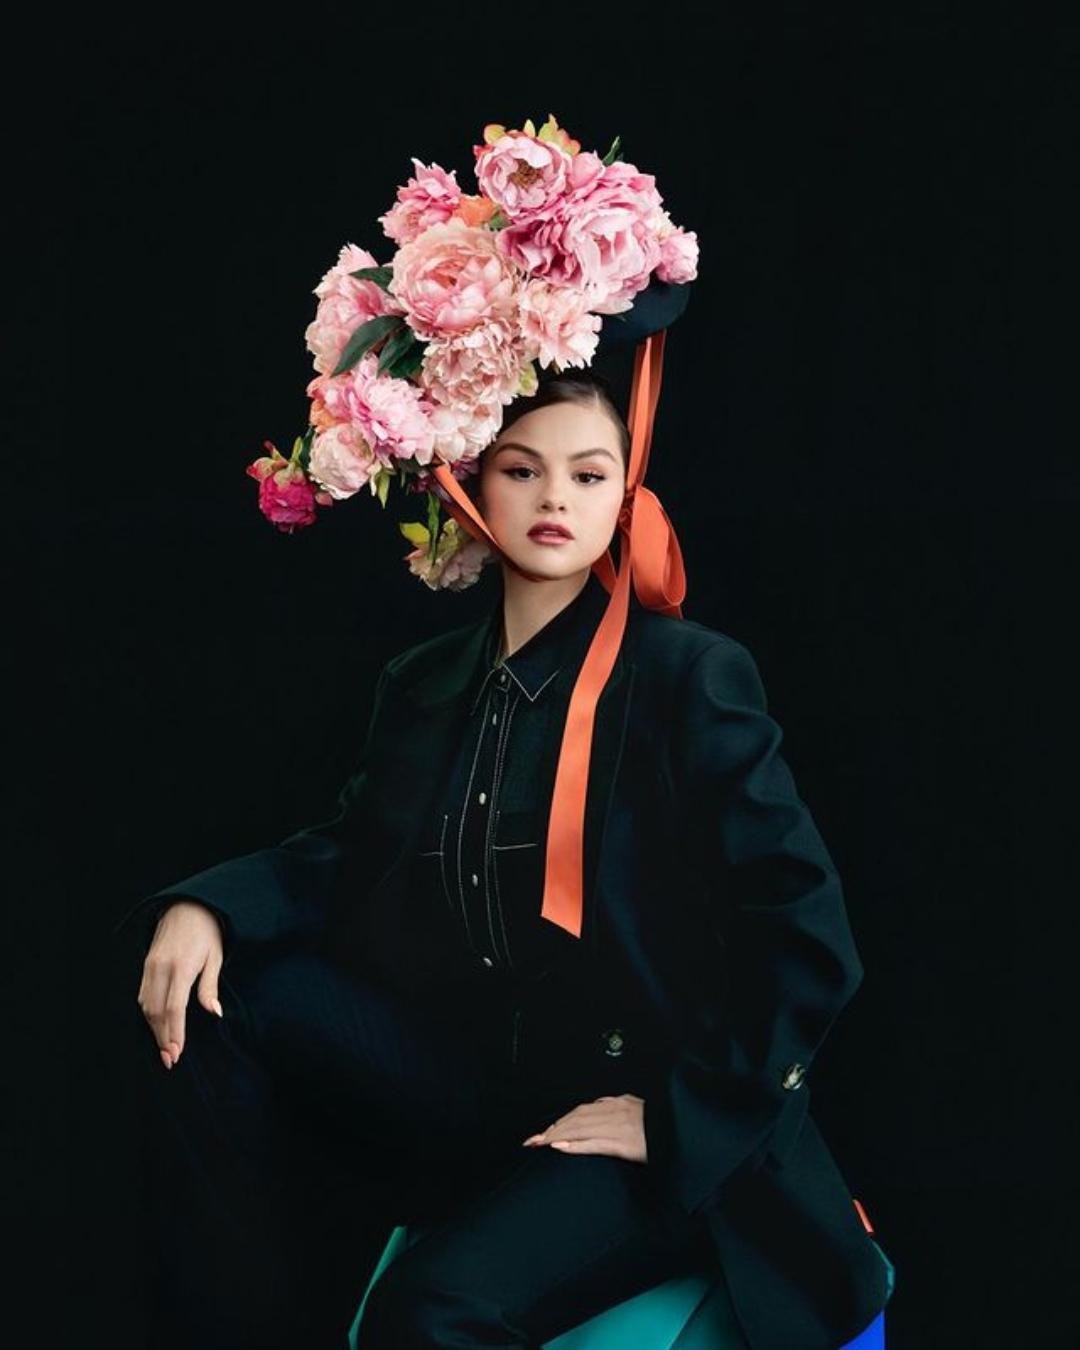 11 lanzamientos recientes que debes escuchar: Selena Gomez + Miley Cyrus + Arlo Parks y más